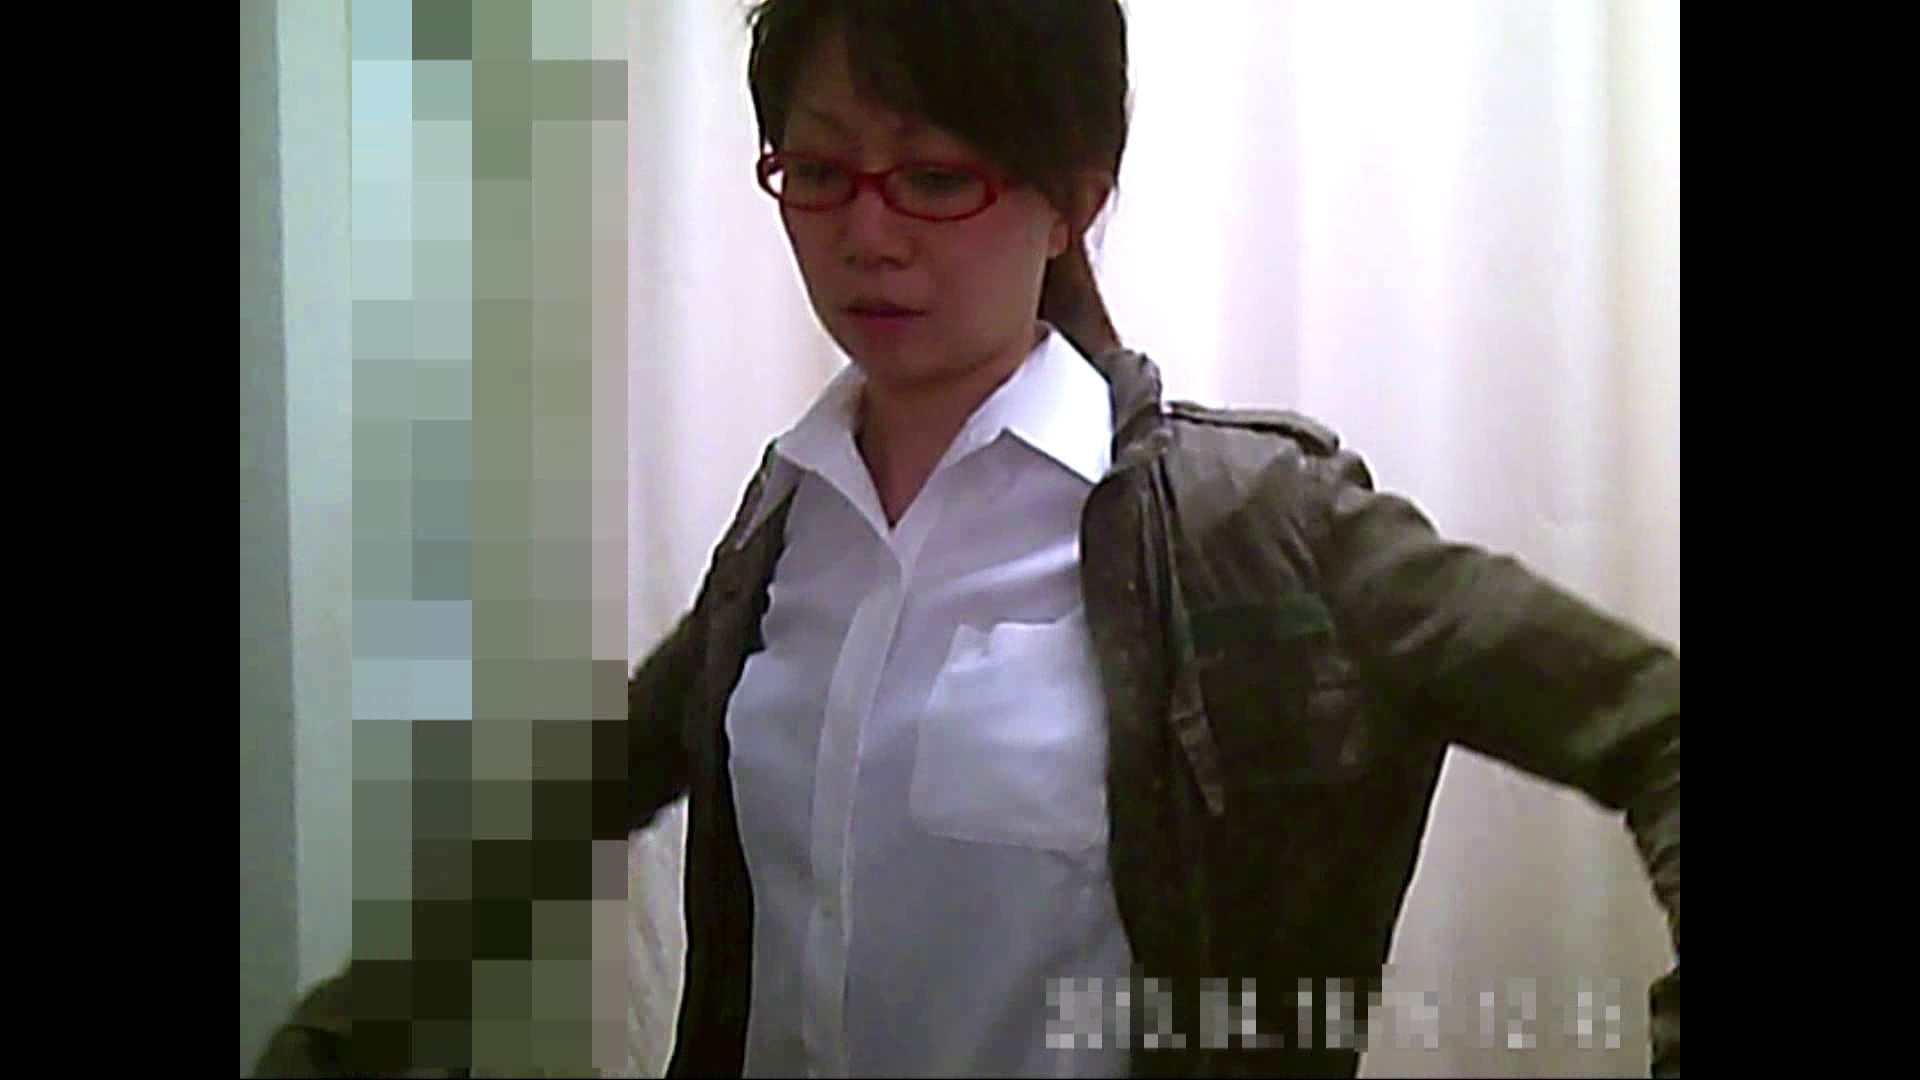 元医者による反抗 更衣室地獄絵巻 vol.092 エッチすぎるOL達 | 0  85連発 61